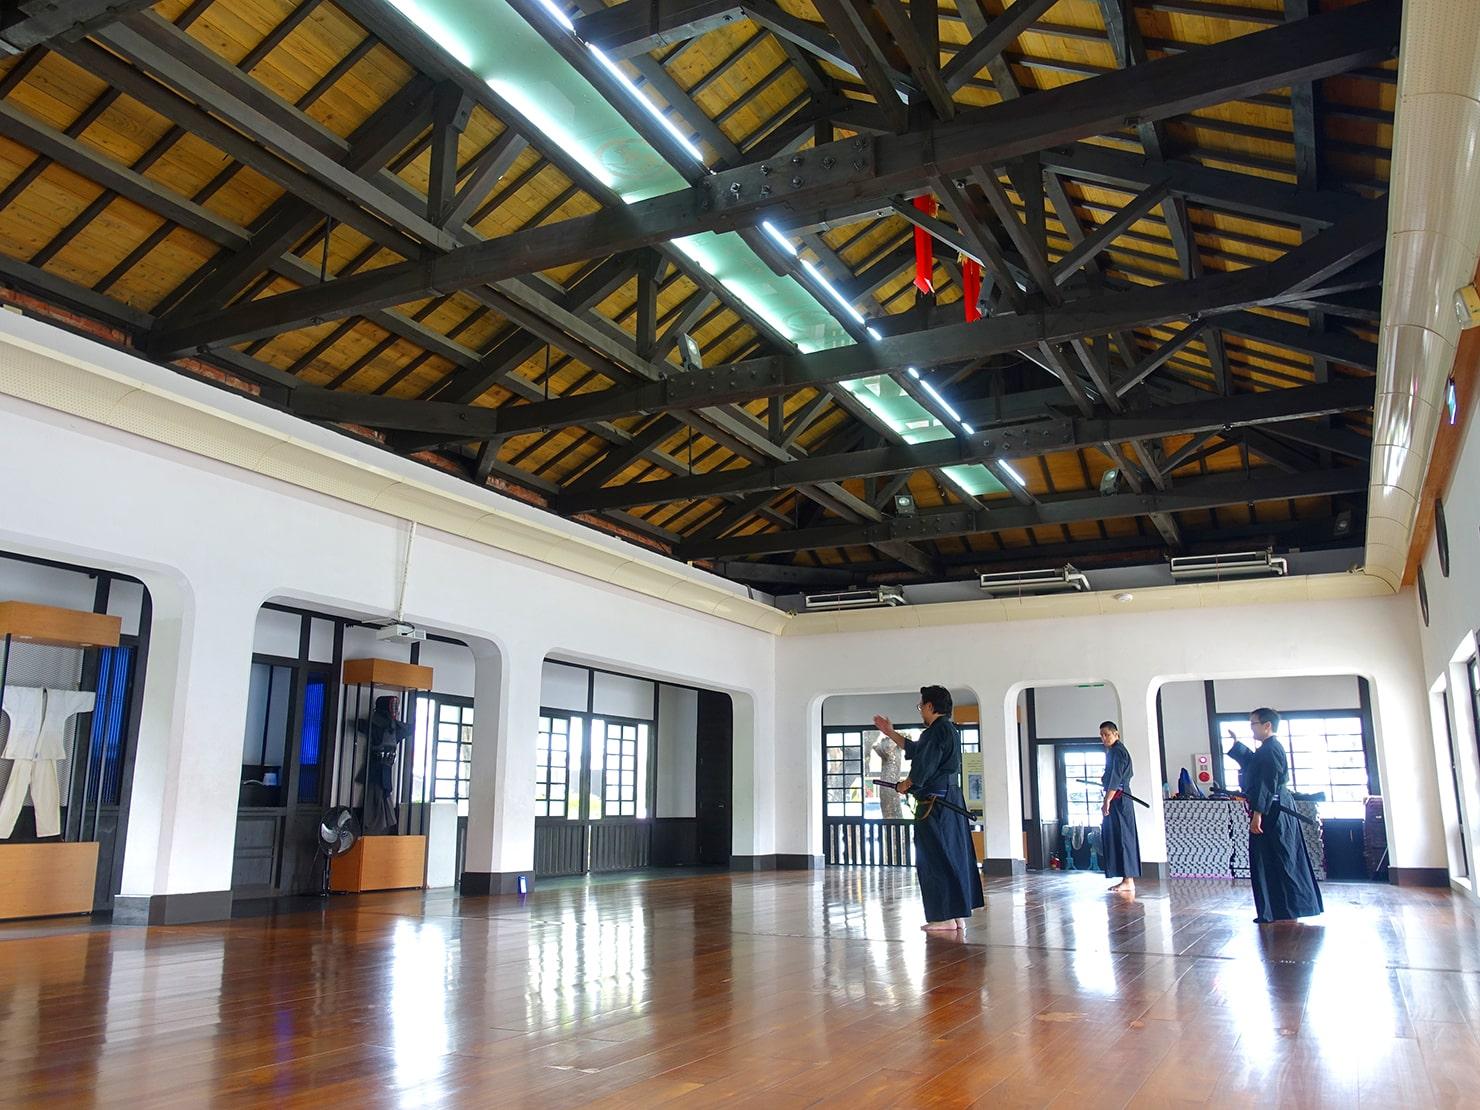 台南市街郊外のおすすめ観光スポット「新化武德殿」の館内